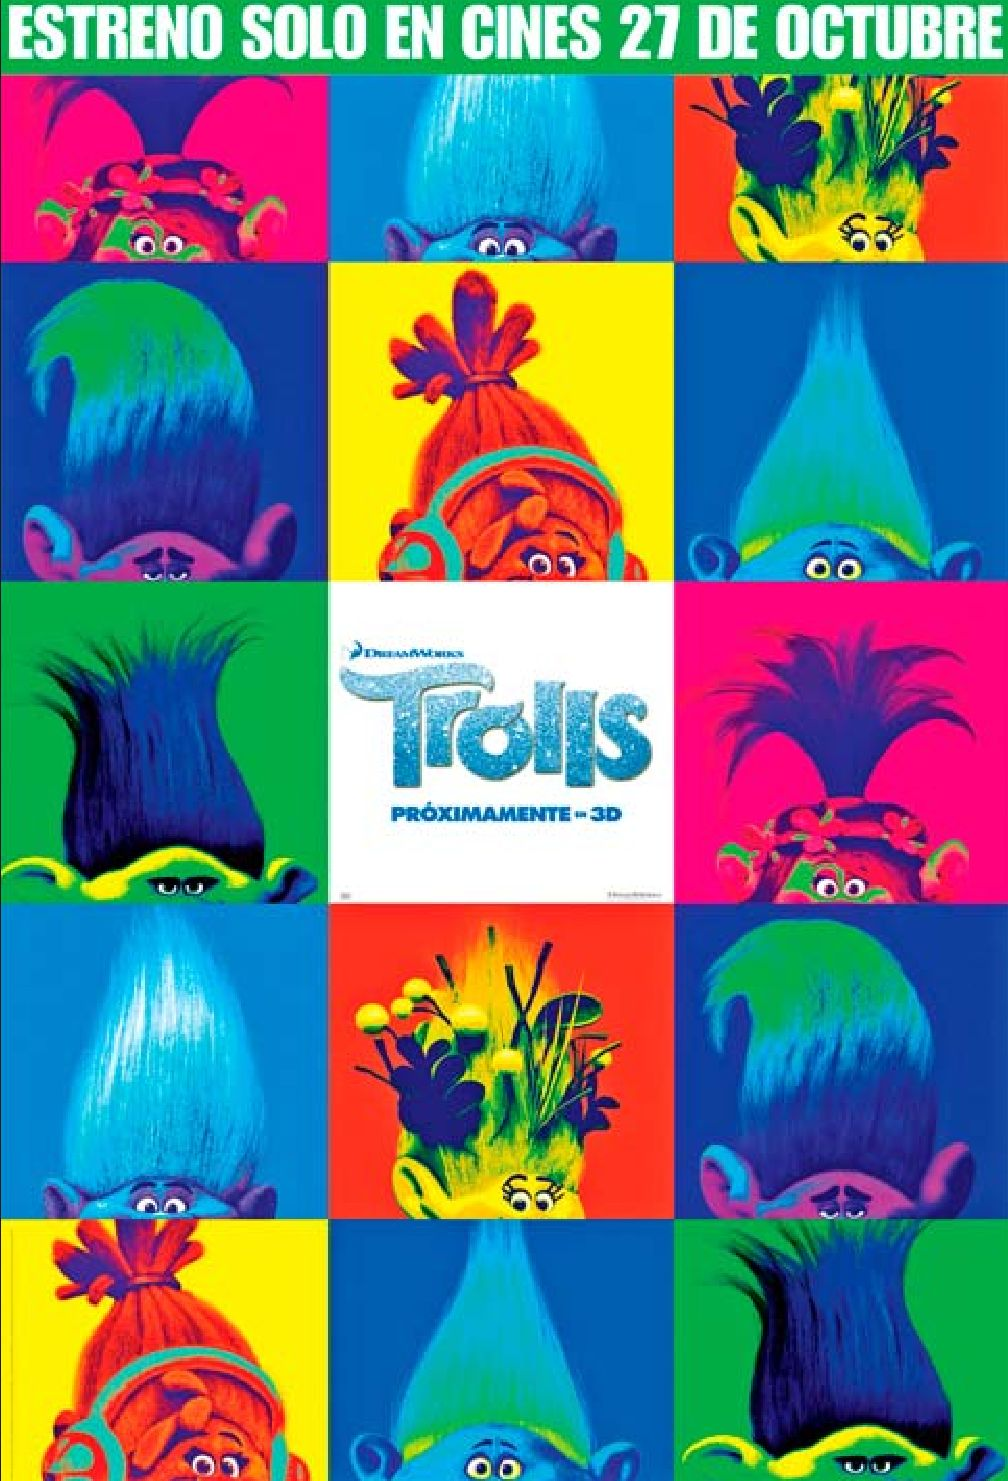 troll-the-movie-2016-premier-octubre-2016